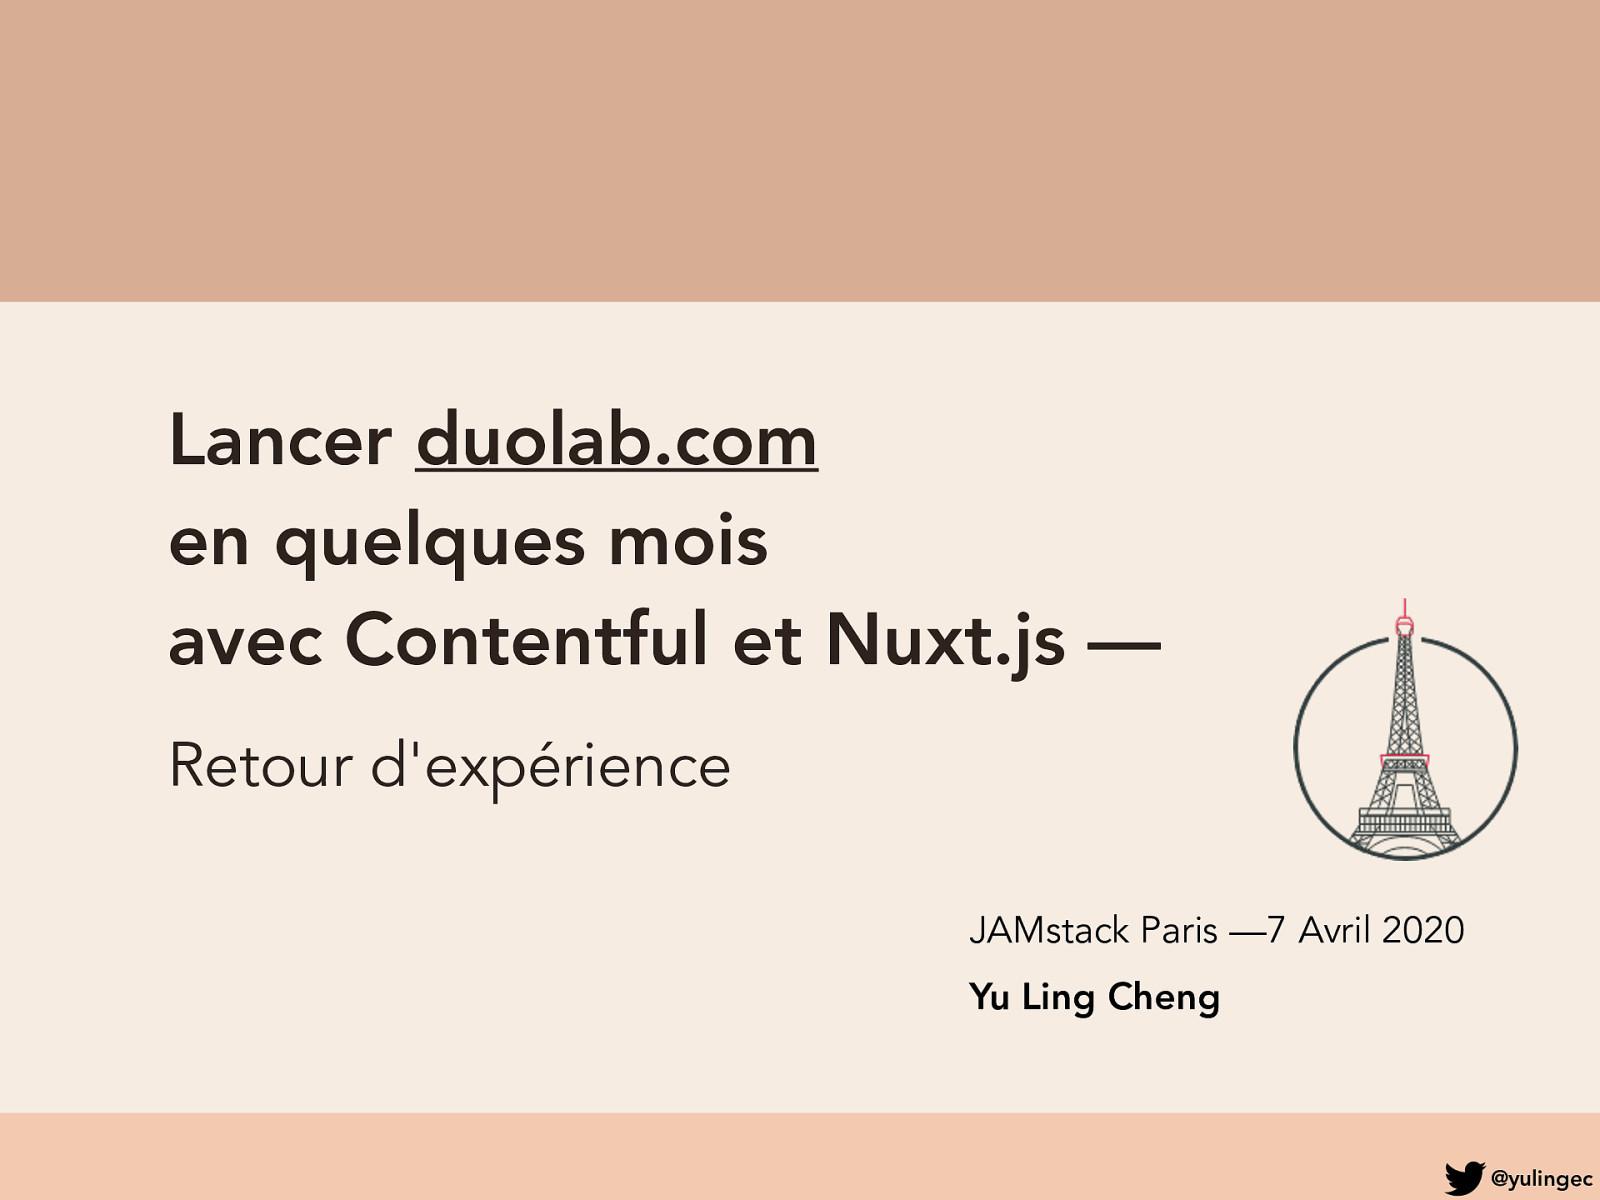 Lancer duolab.com en quelques mois avec Contentful et Nuxt.js—Retour d'expérience